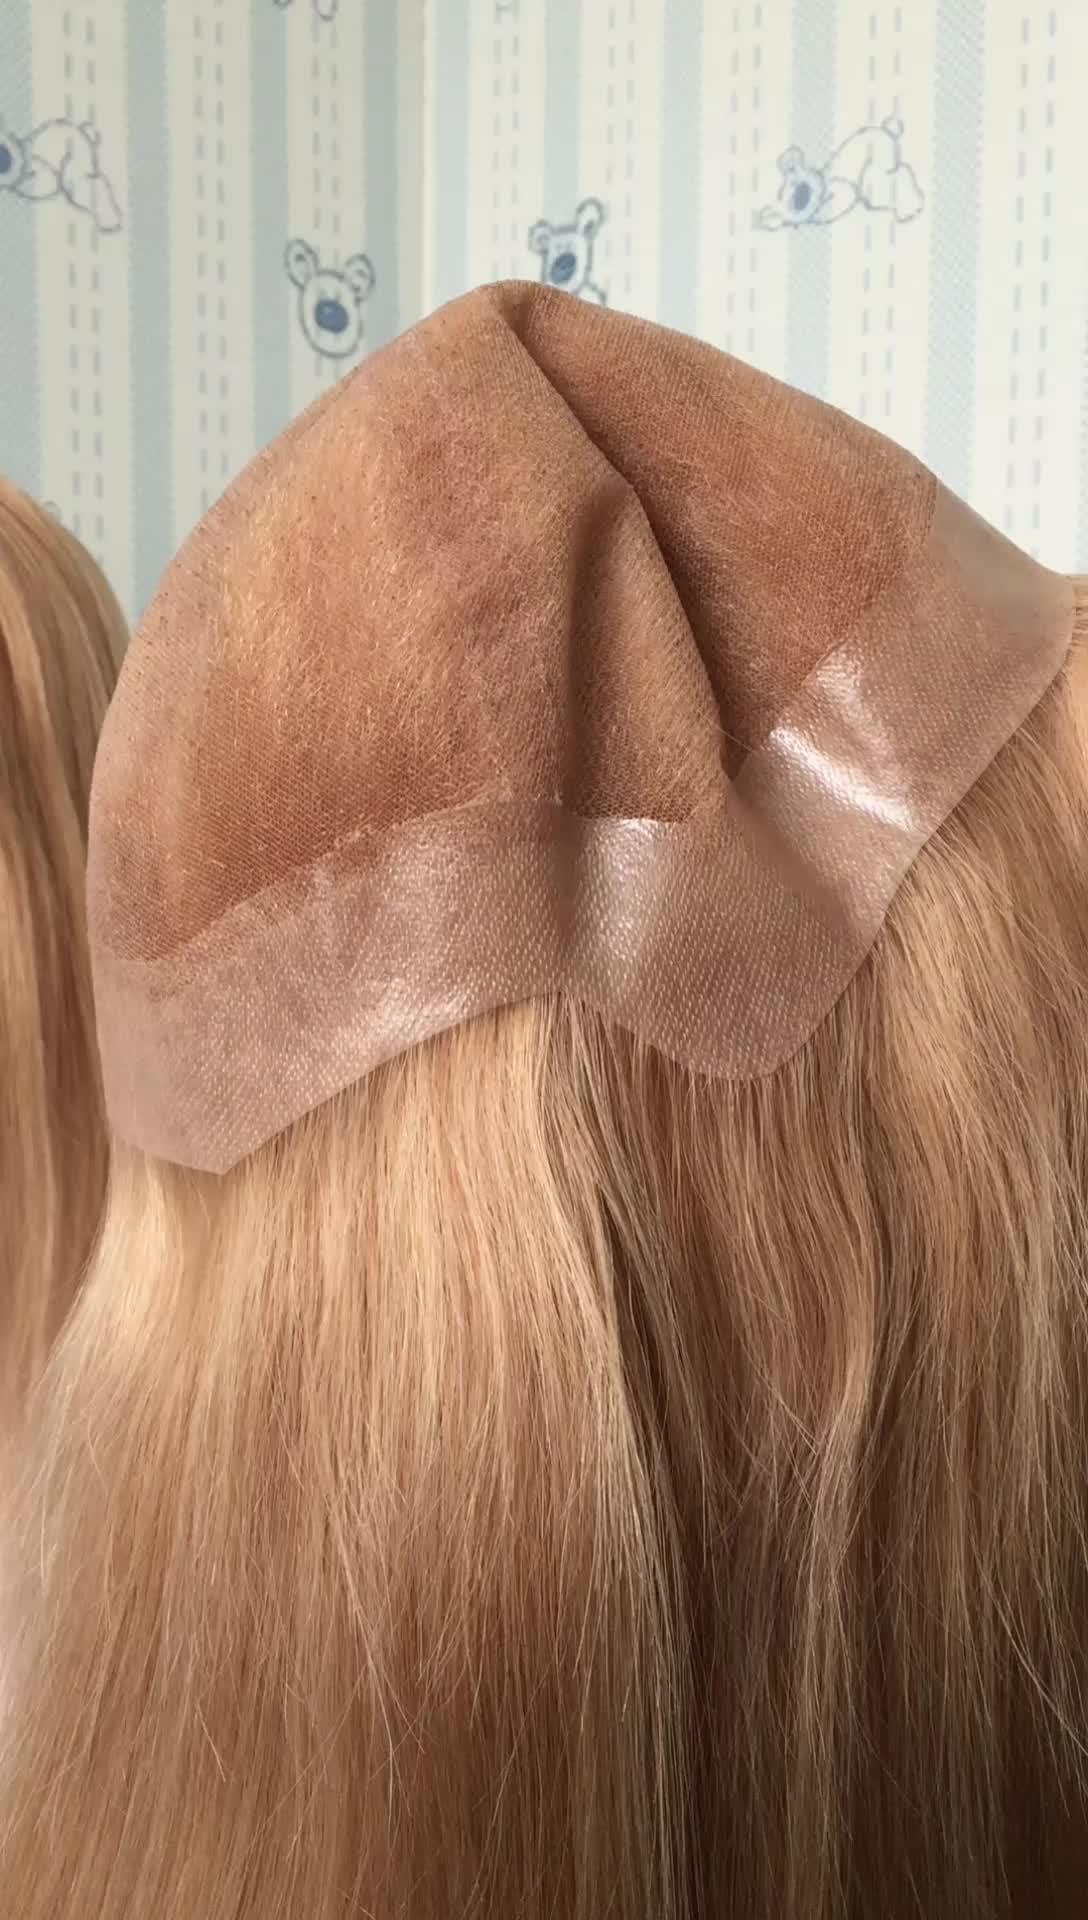 Produttore Prezzo Ali Commercio Garanzia Della Paypal Accettato 100 umani di REMY piena del merletto dei capelli parrucca silicone